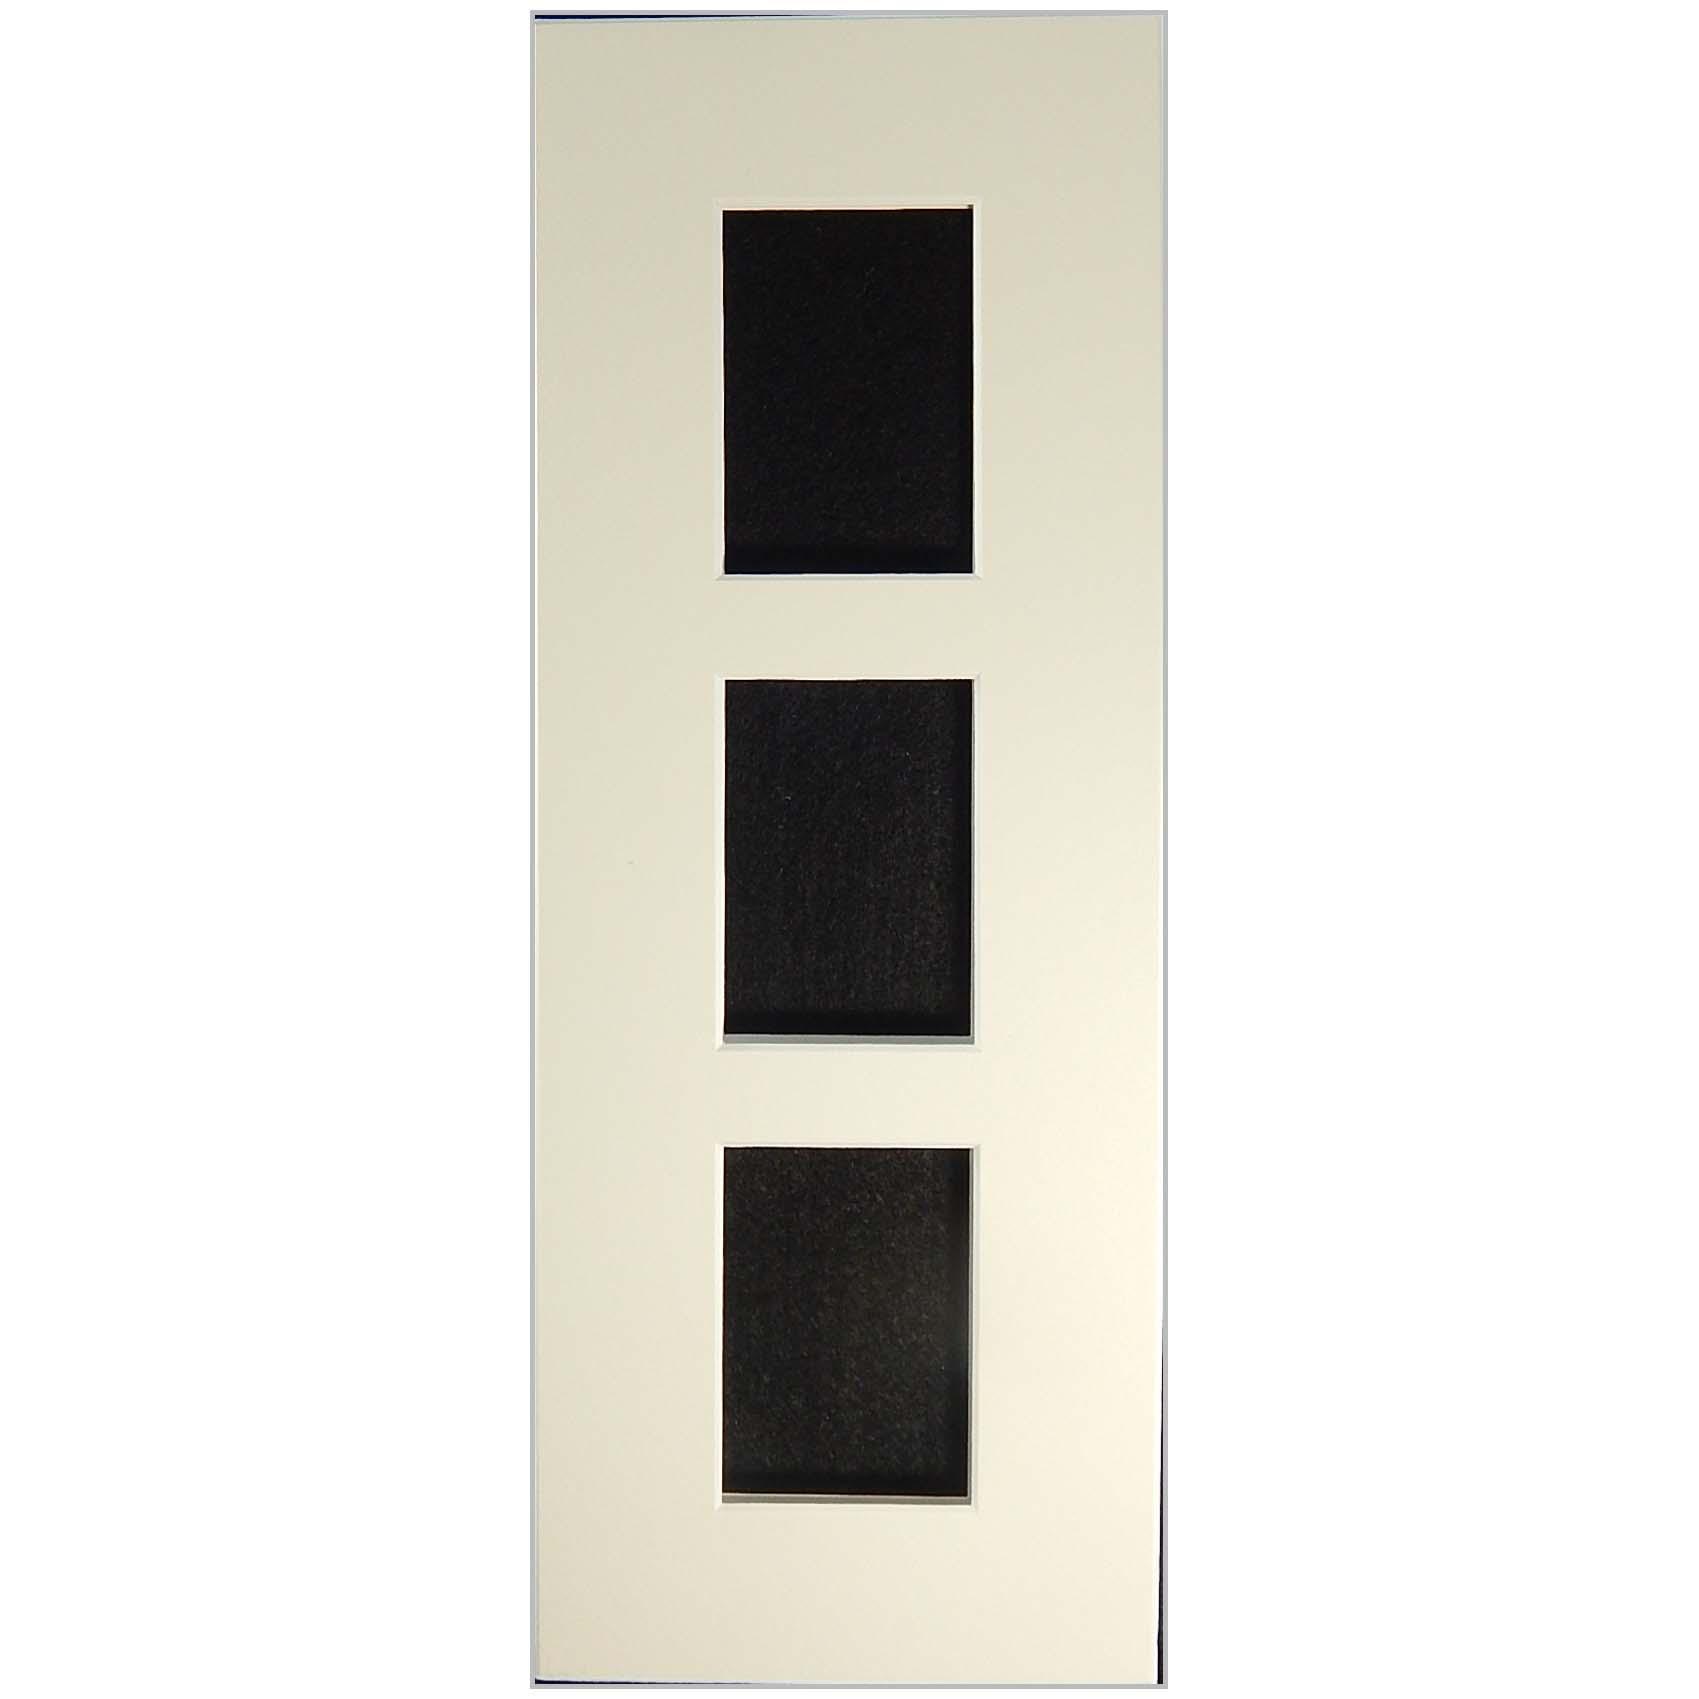 Passepartout 3 Ausschnitte 32 cm x 12 cm rechteckig weiß offen